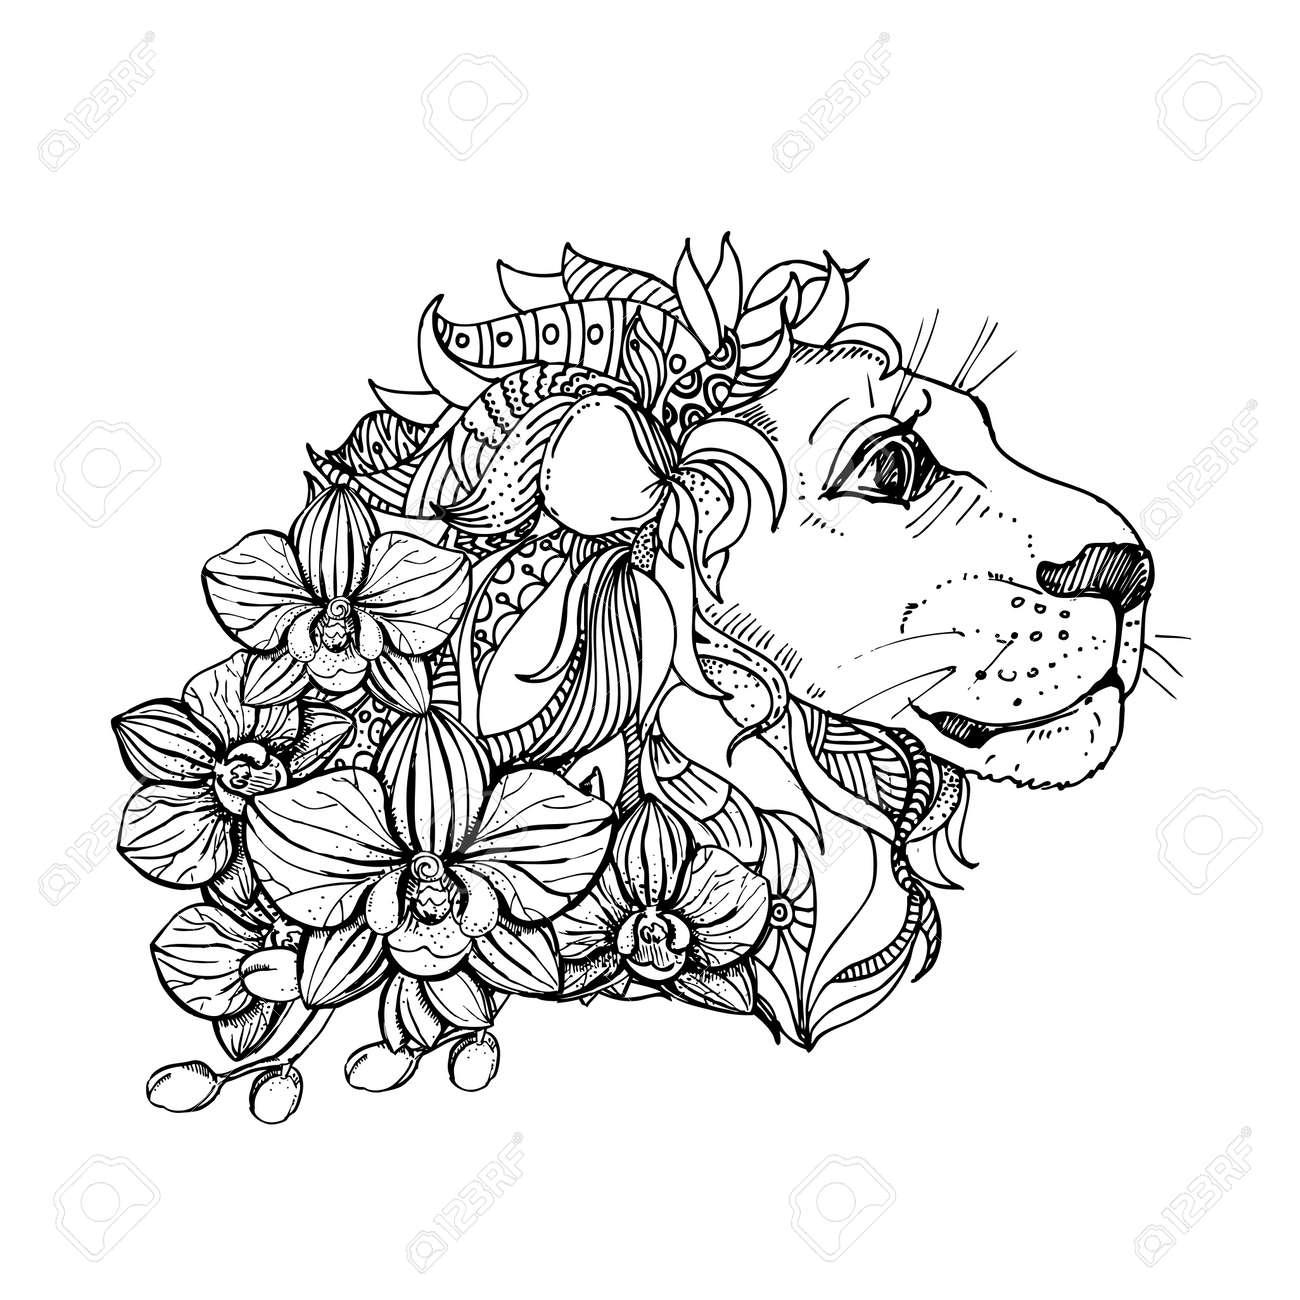 Dibujado A Mano Doodle De La Tinta Del León Y De La Orquídea En El ...